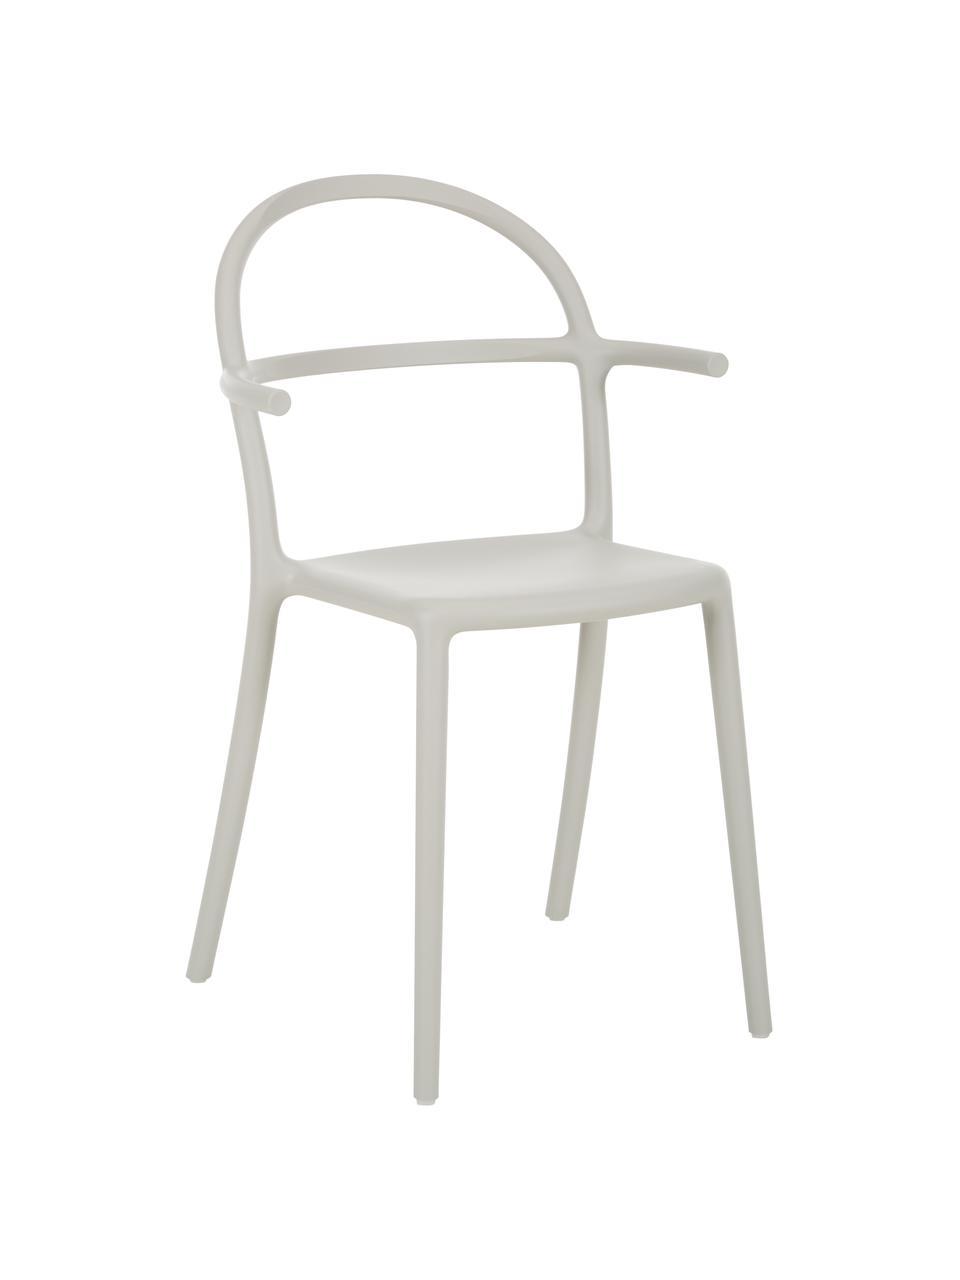 Krzesło z tworzywa sztucznego Generic, 2 szt., Modyfikowany polipropylen, Szary, S 52 x G 51 cm